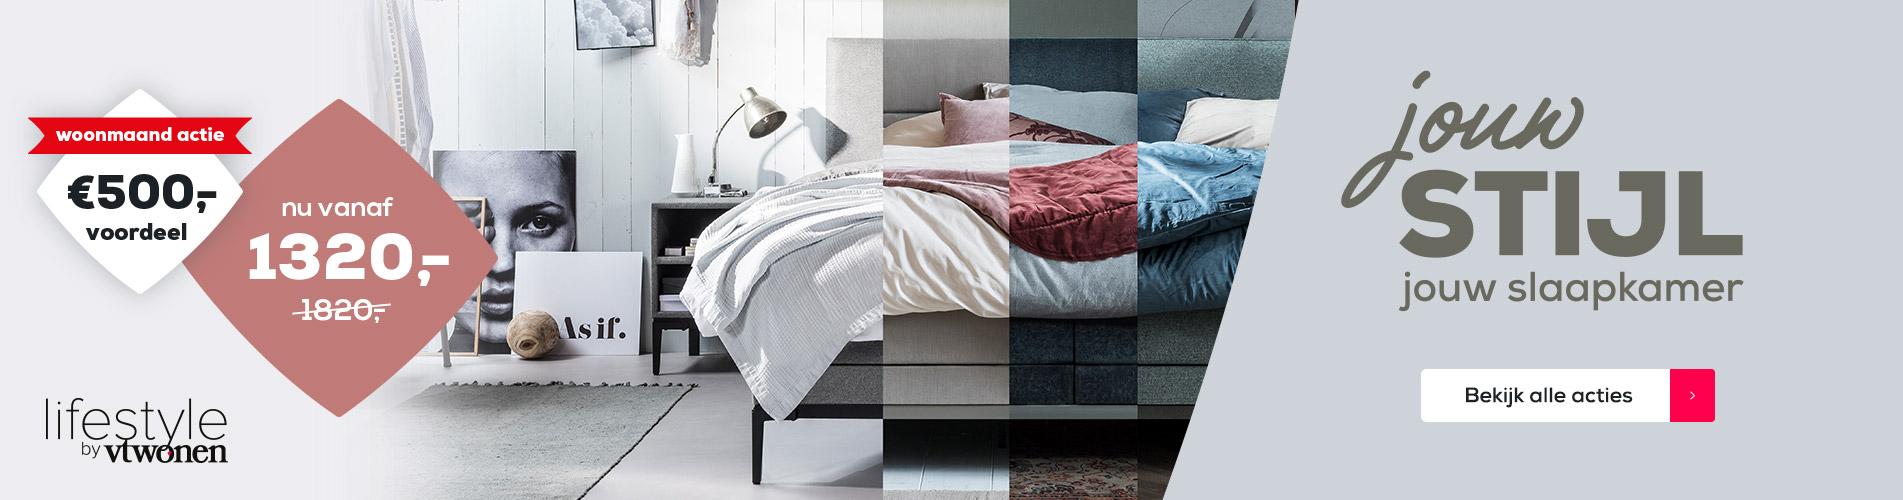 Acties Woonmaand / Jouw stijl jouw slaapkamer | Swiss Sense